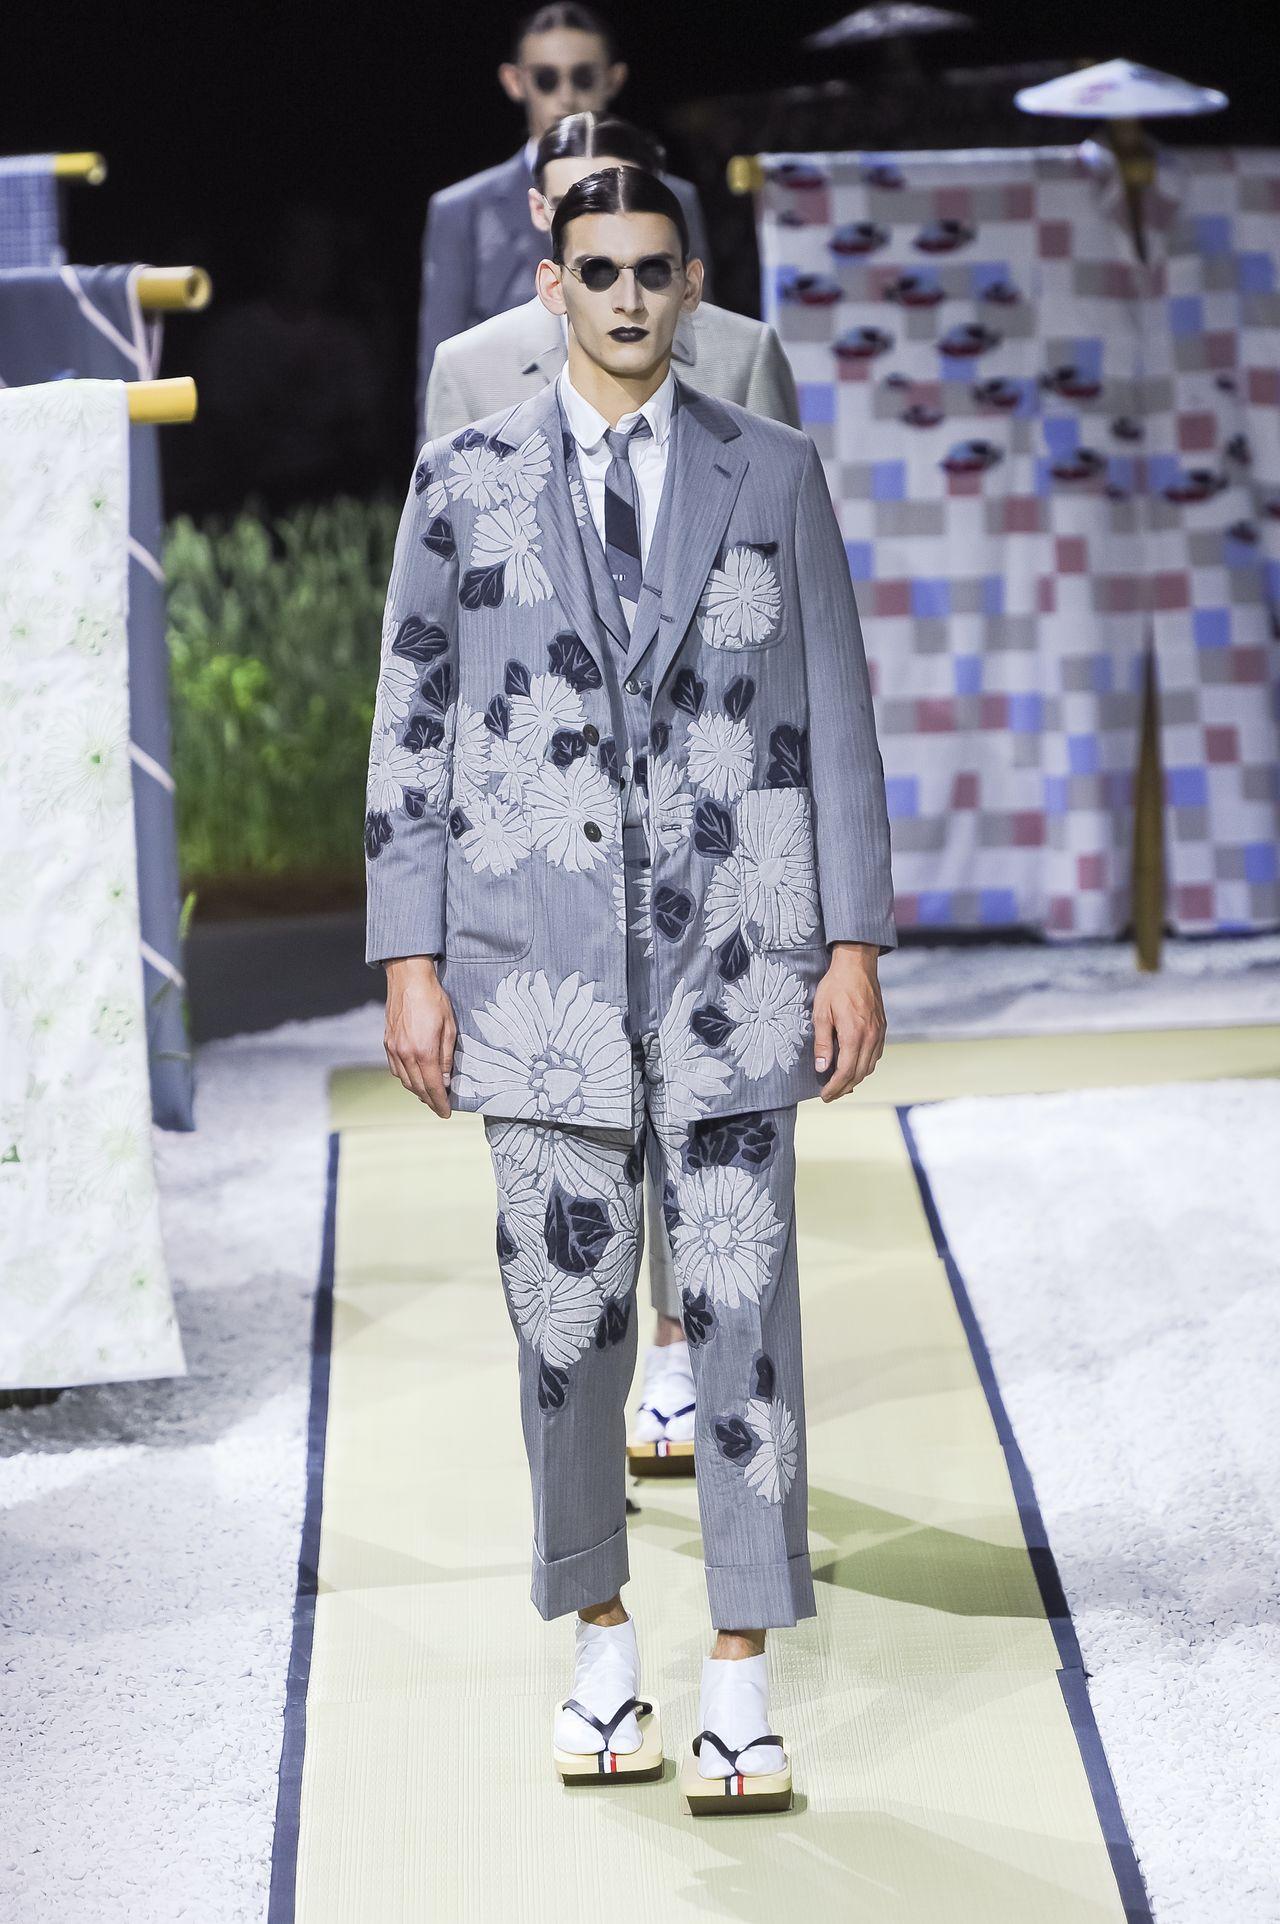 Мужской костюм от Тома Брауна из коллекции весна / лето 2016. (© Fashion Press)